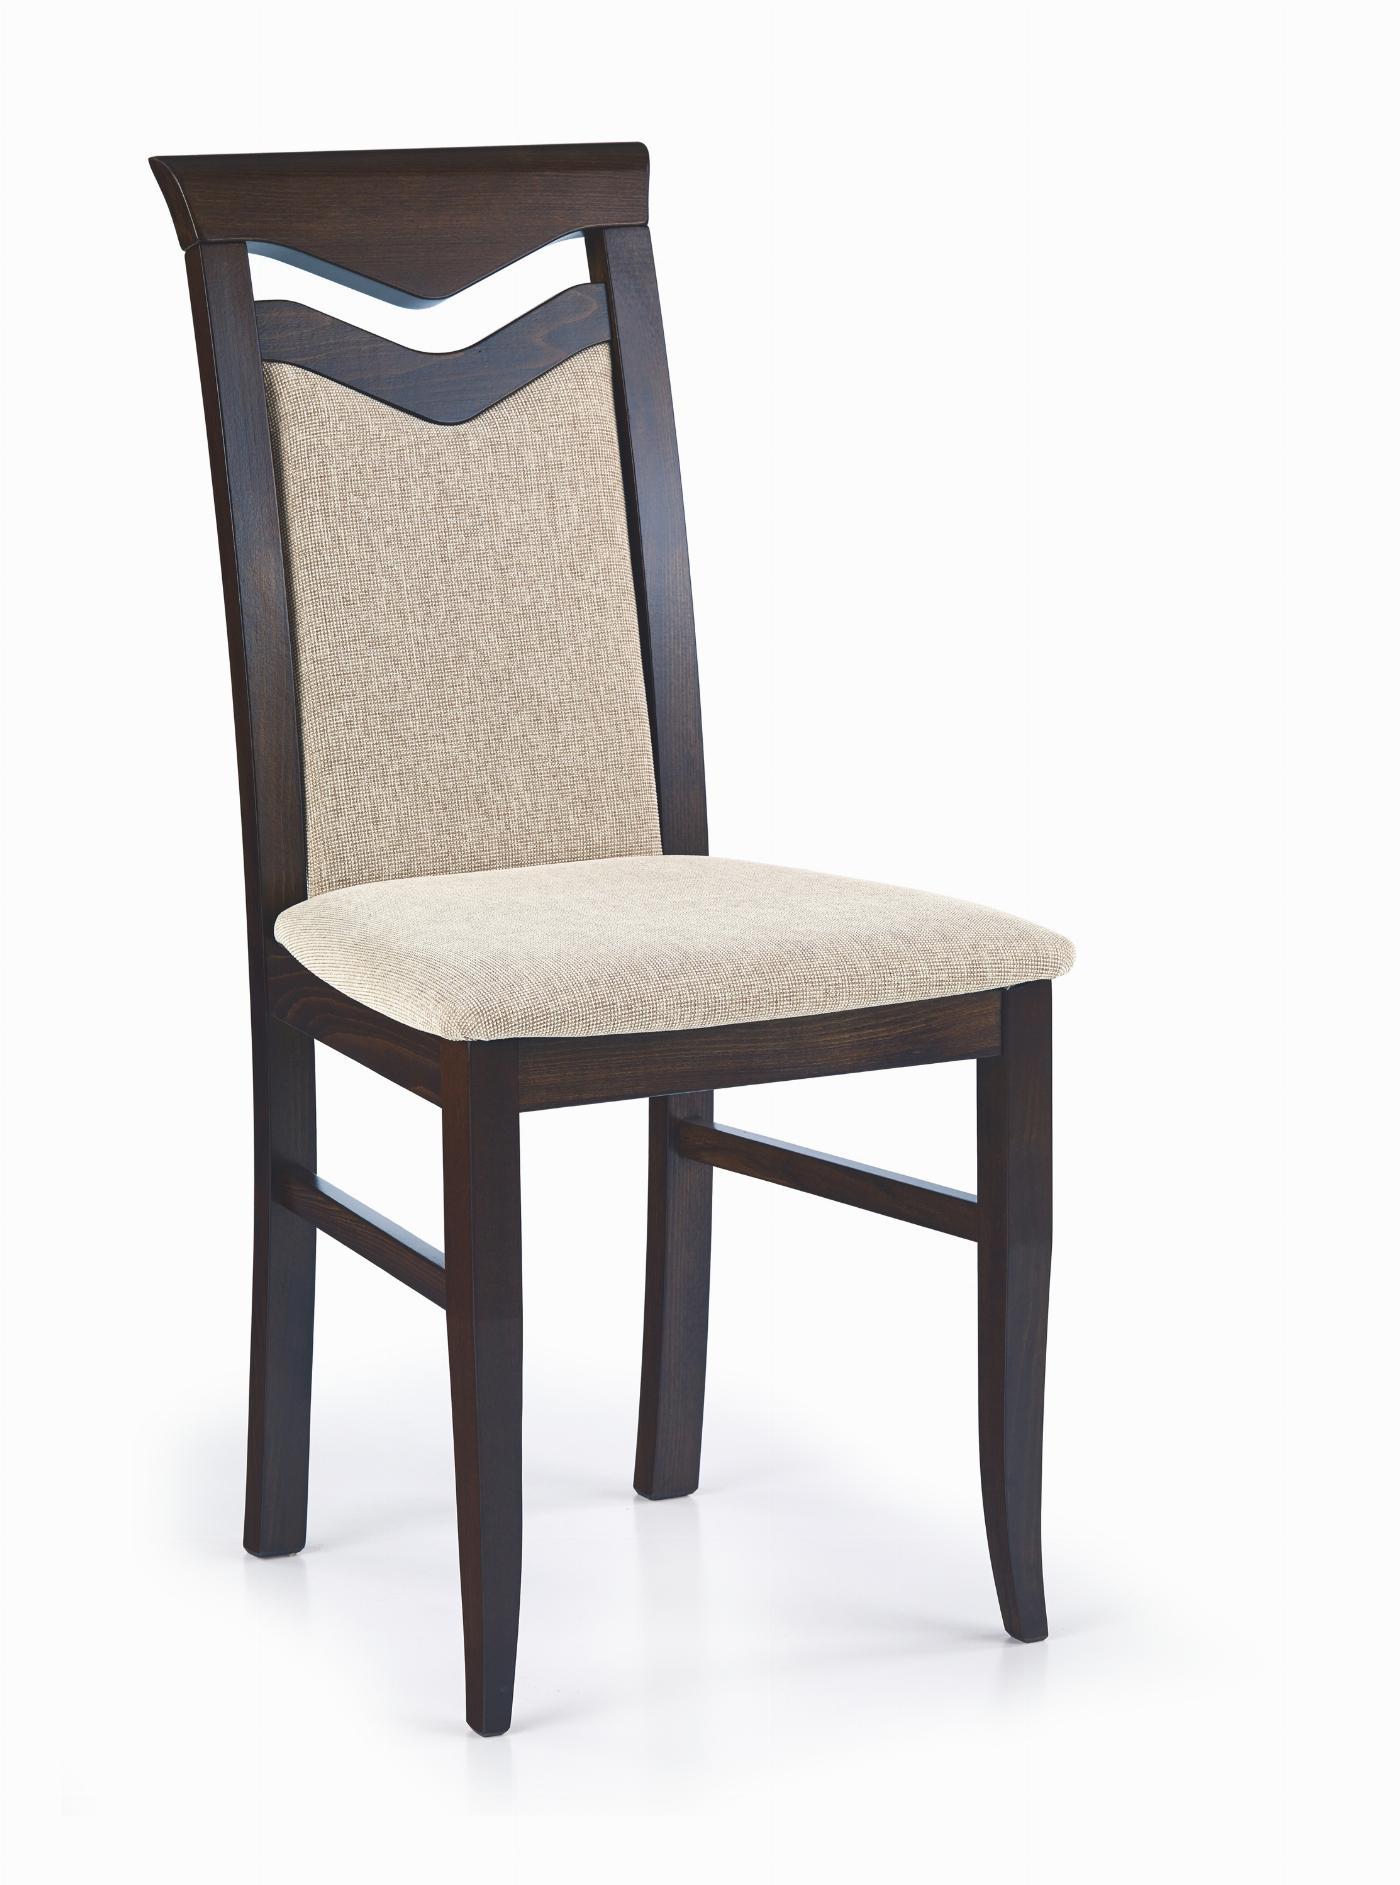 CITRONE krzesło wenge / tap: VILA 2 (1p=2szt)